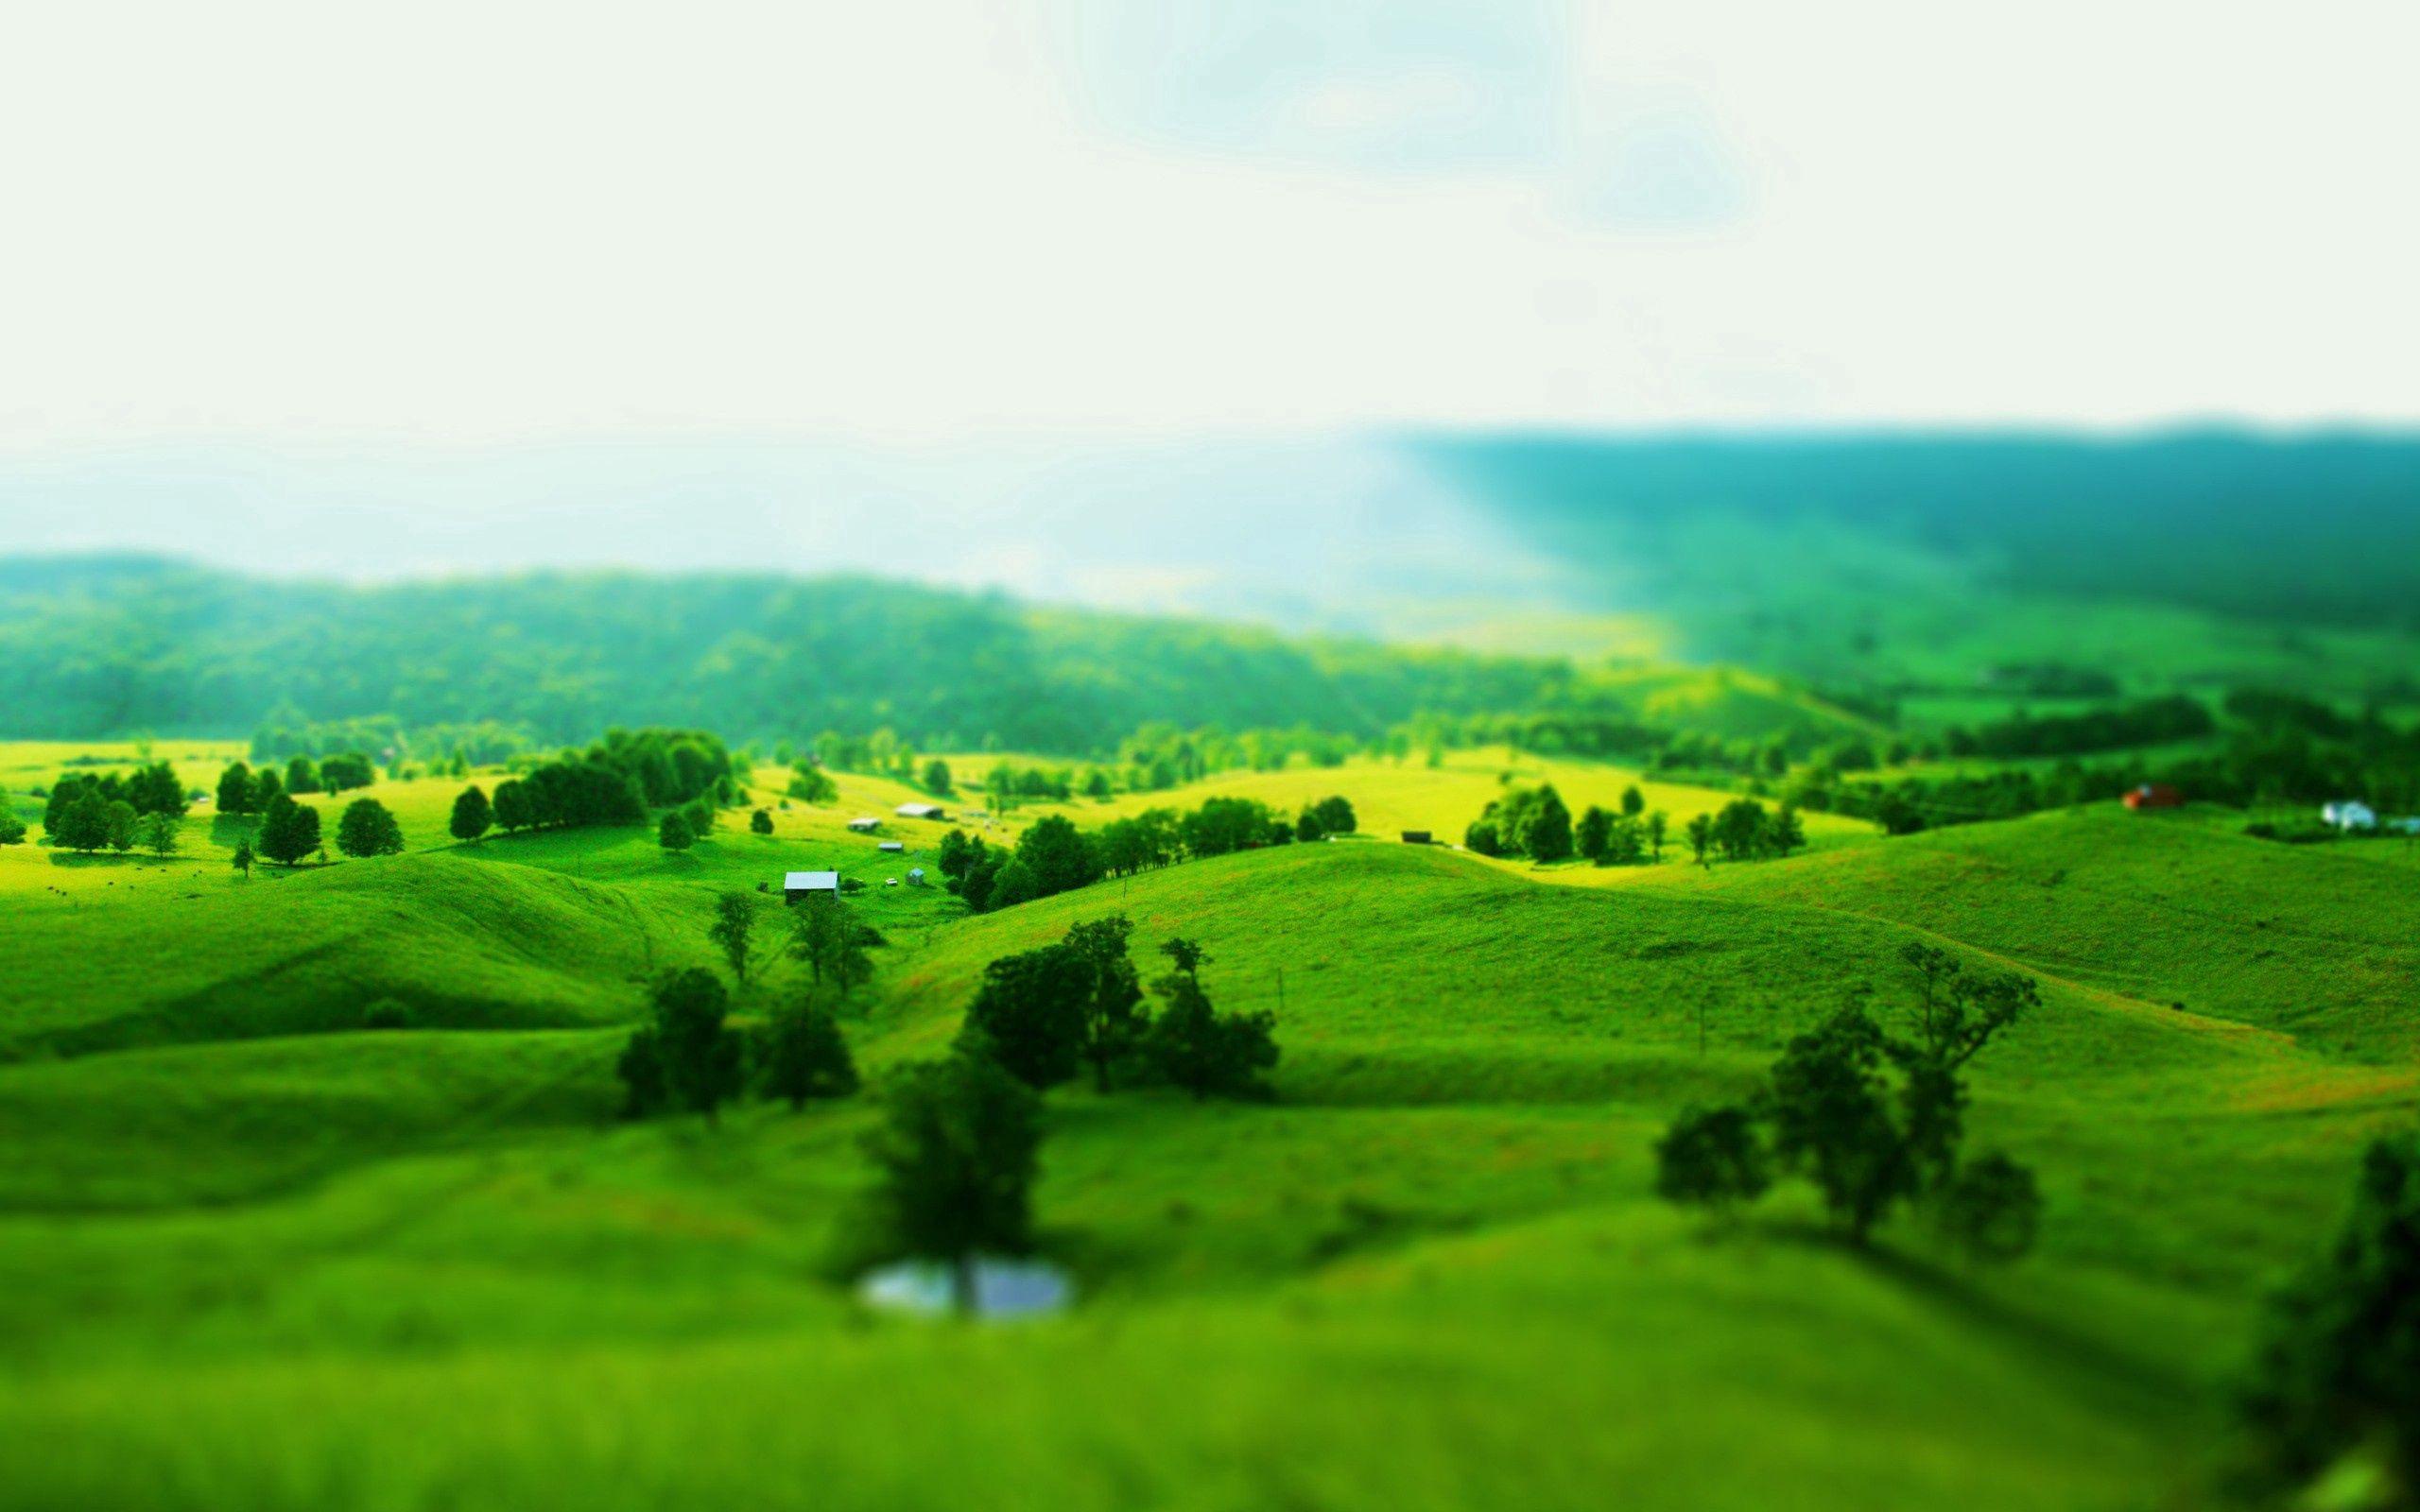 93950 скачать обои Природа, Холмы, Поля, Склоны, Деревья, Зелень, Обман Зрения, Пейзаж - заставки и картинки бесплатно